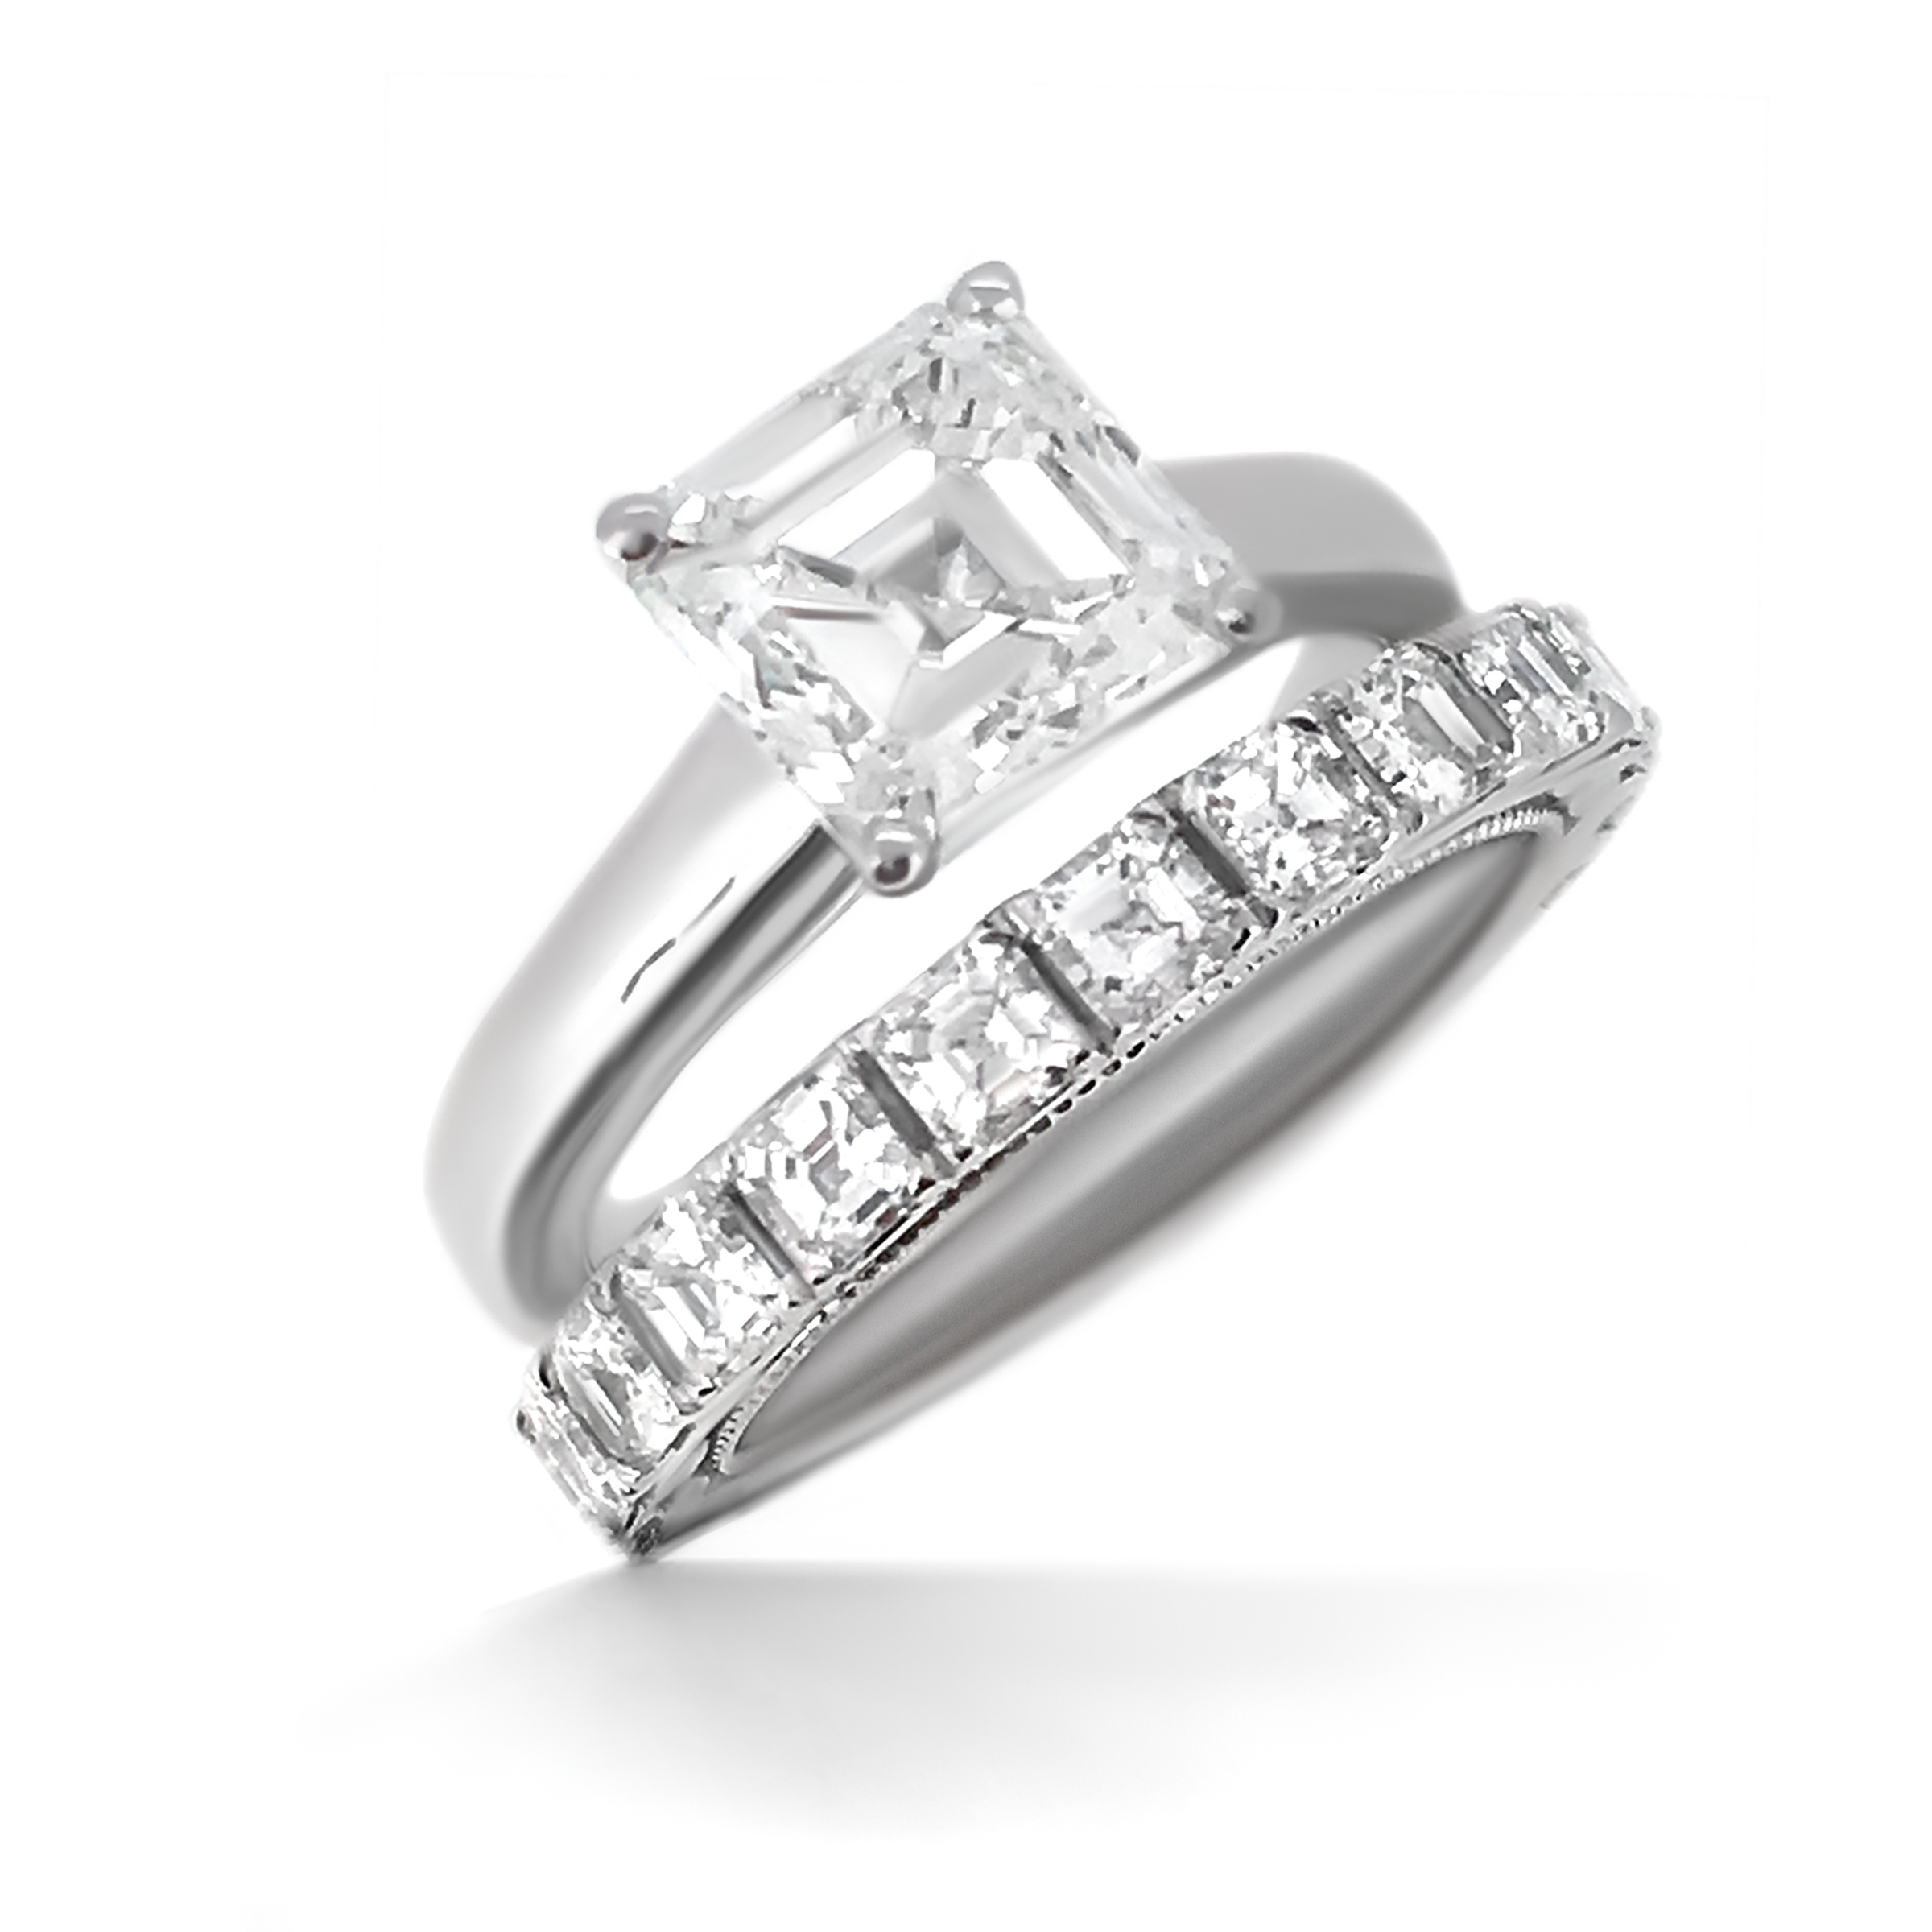 Asscher Cut Diamond Engagement Ring Haywards Bespoke Jewellery